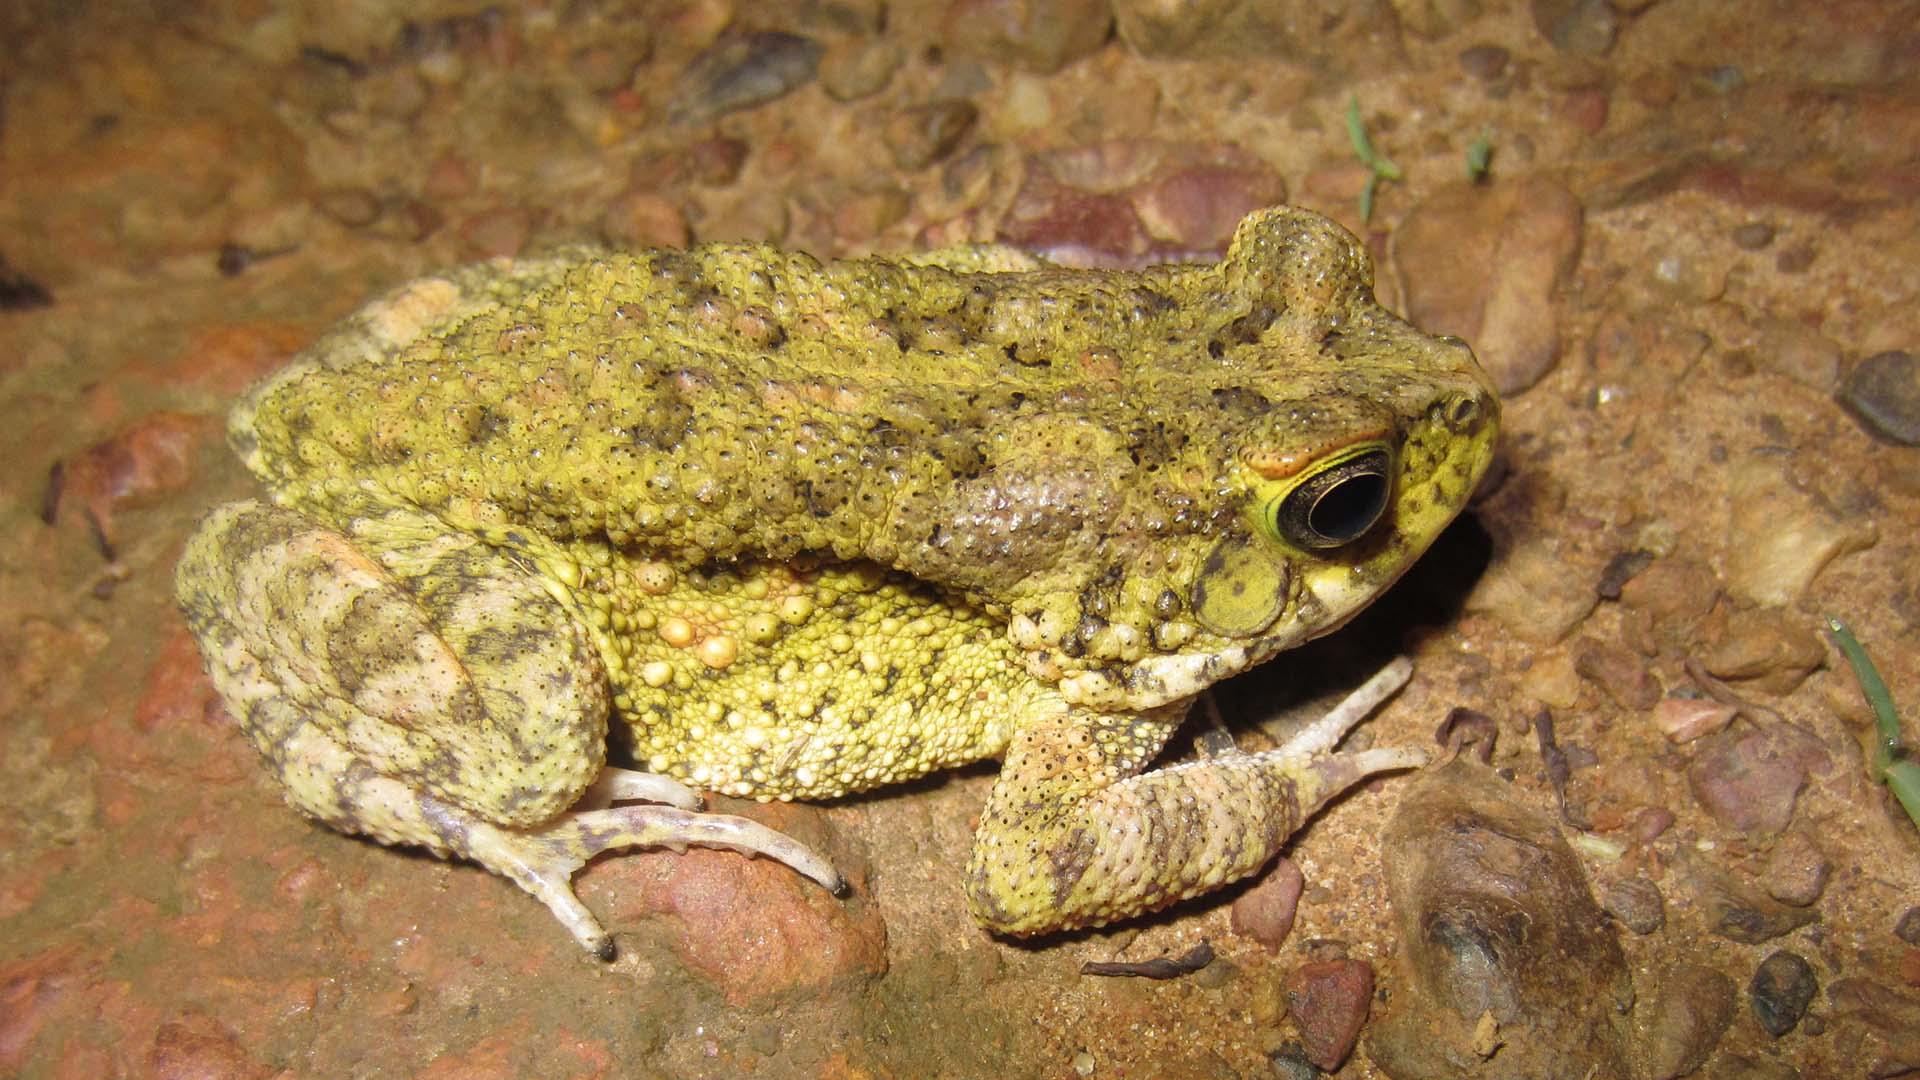 ghana frog biologist